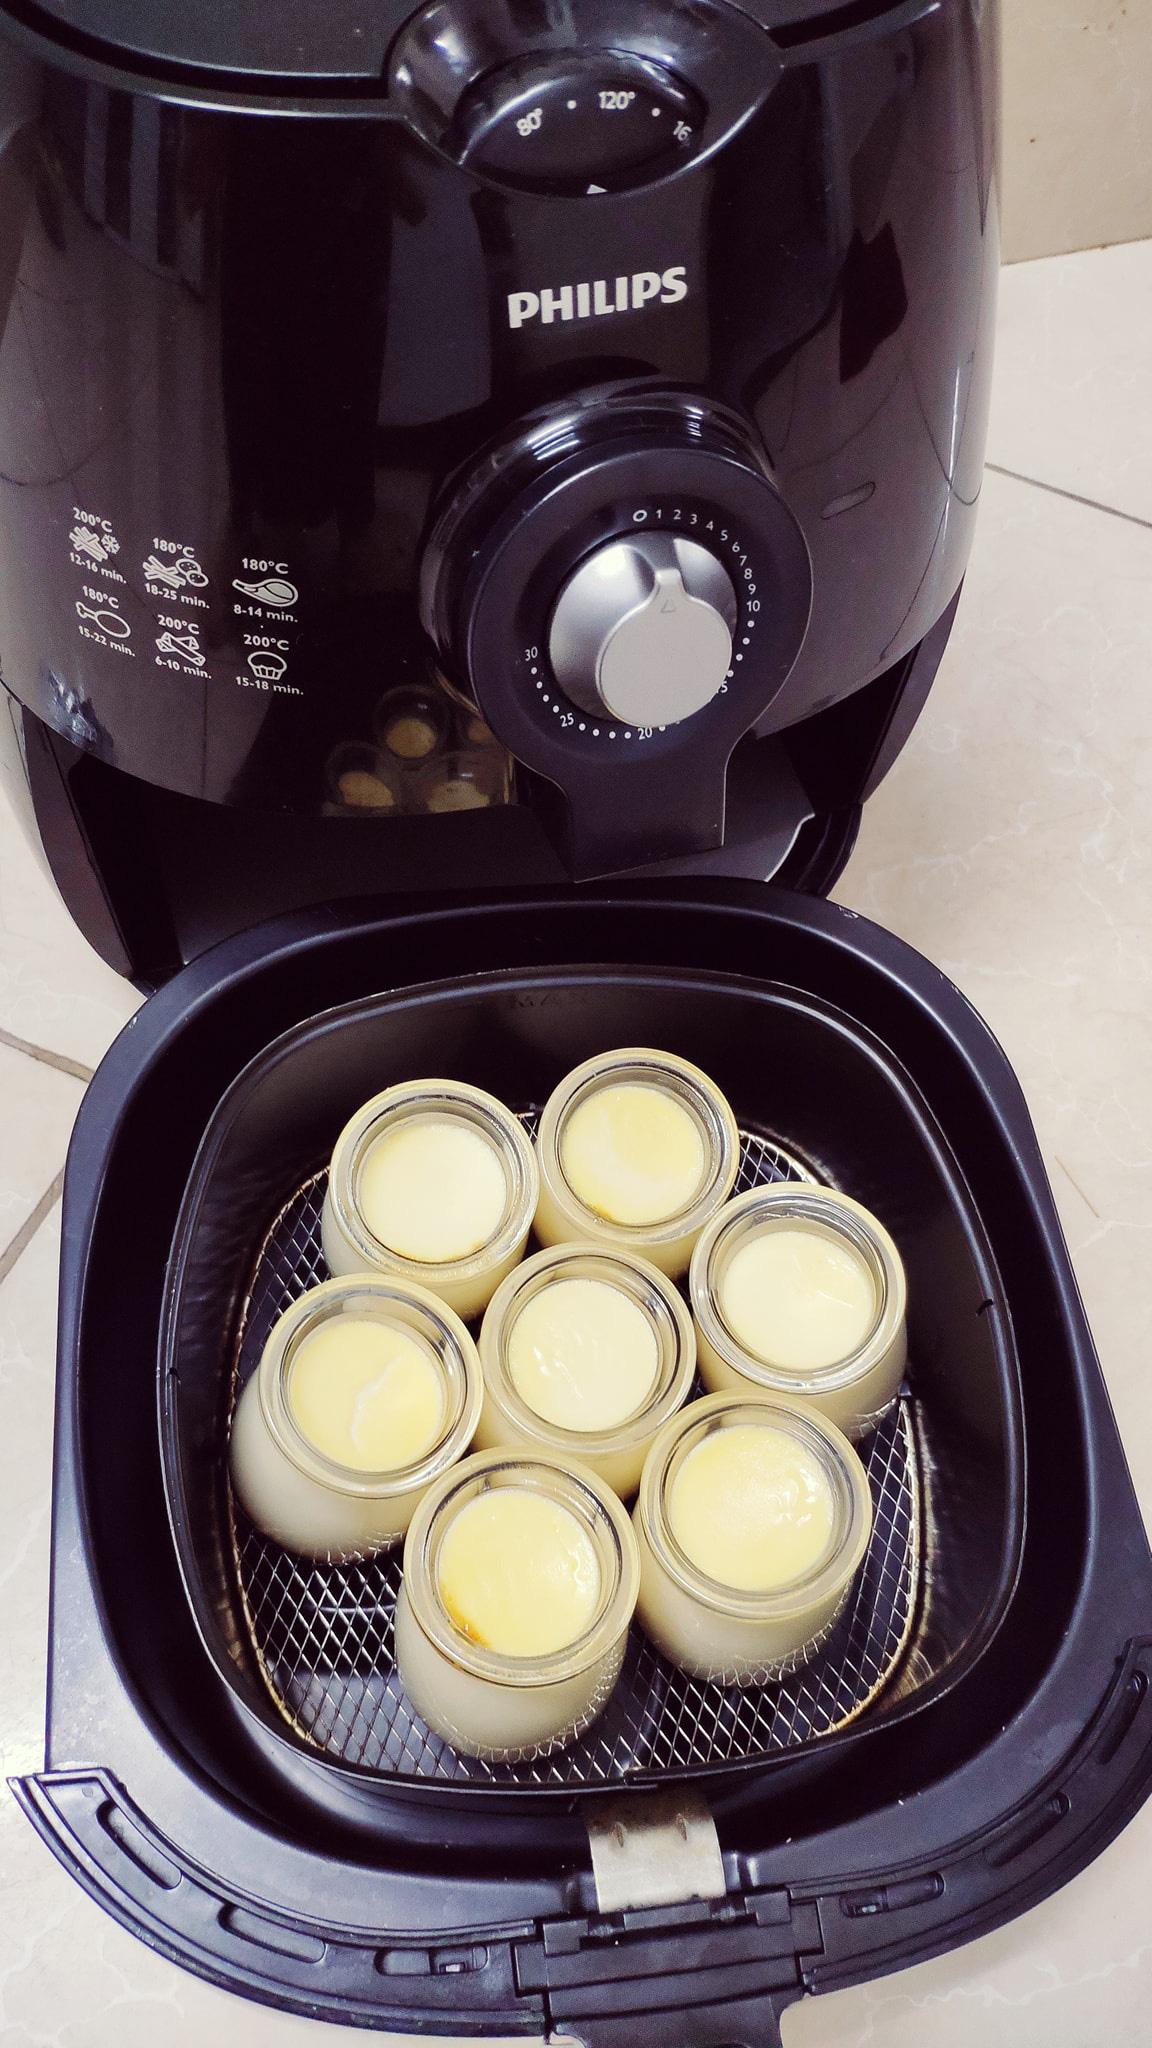 Rộ cách làm flan bằng nồi chiên không dầu: Mềm mịn thơm ngon mà không lo bị rỗ như hấp cách thủy-12